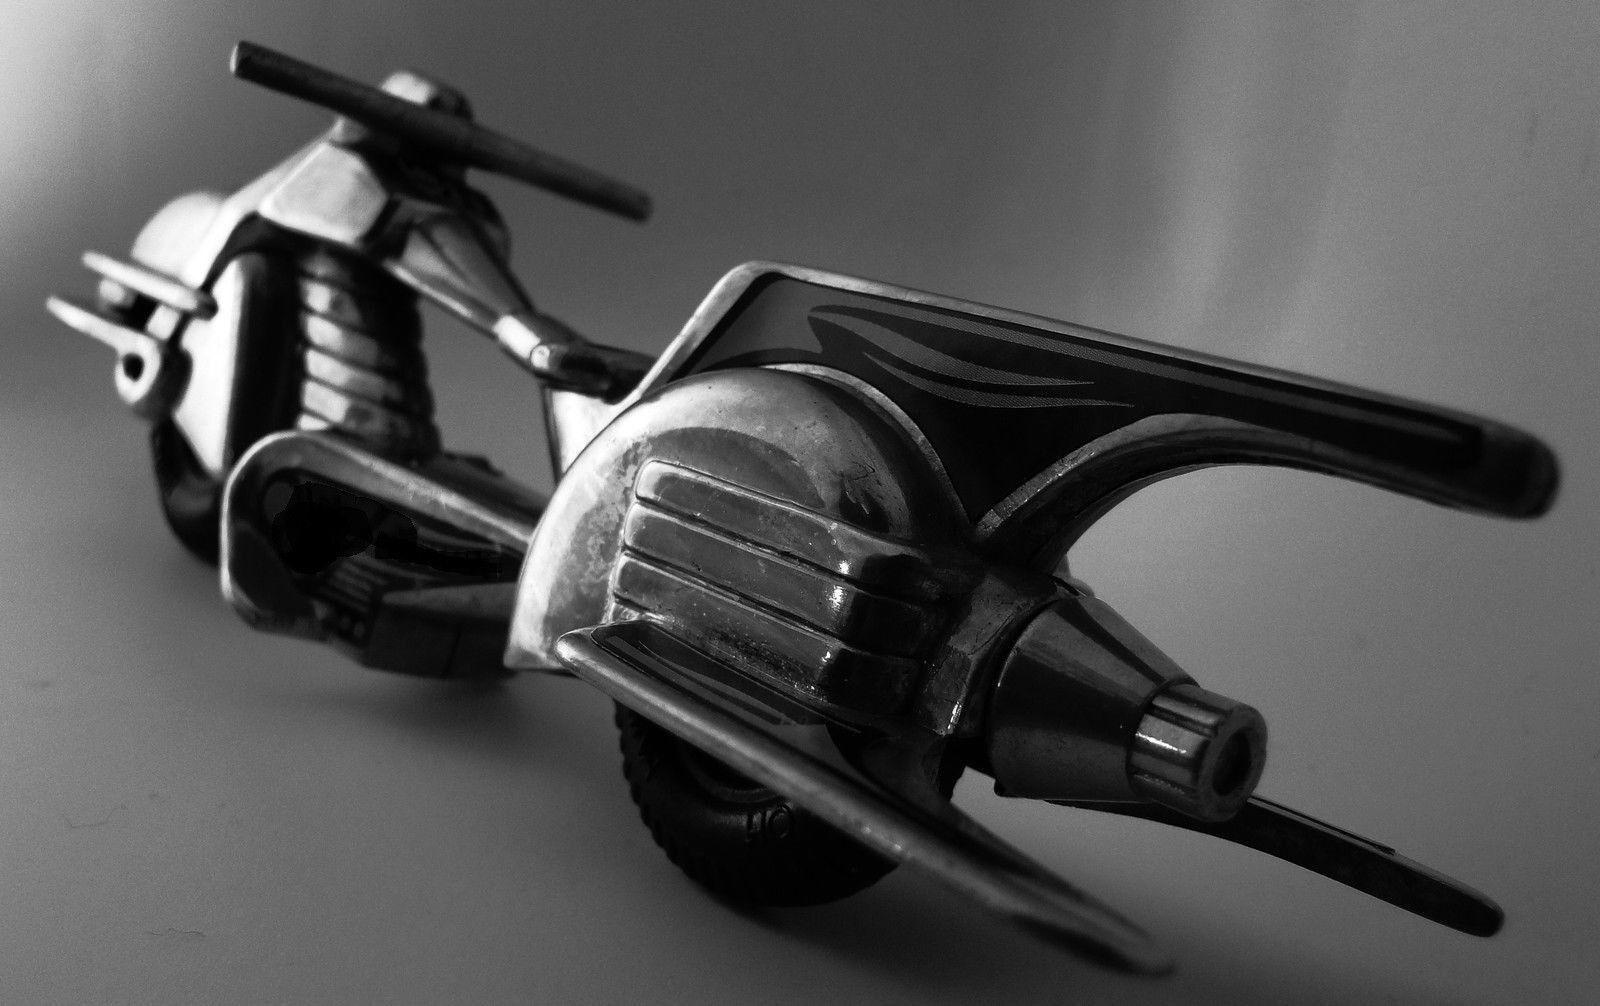 Air Craft modelllllerlerl 48 Tvilling 1 årgång NASA Apollo Saturnus Space War stjärna cykel 11